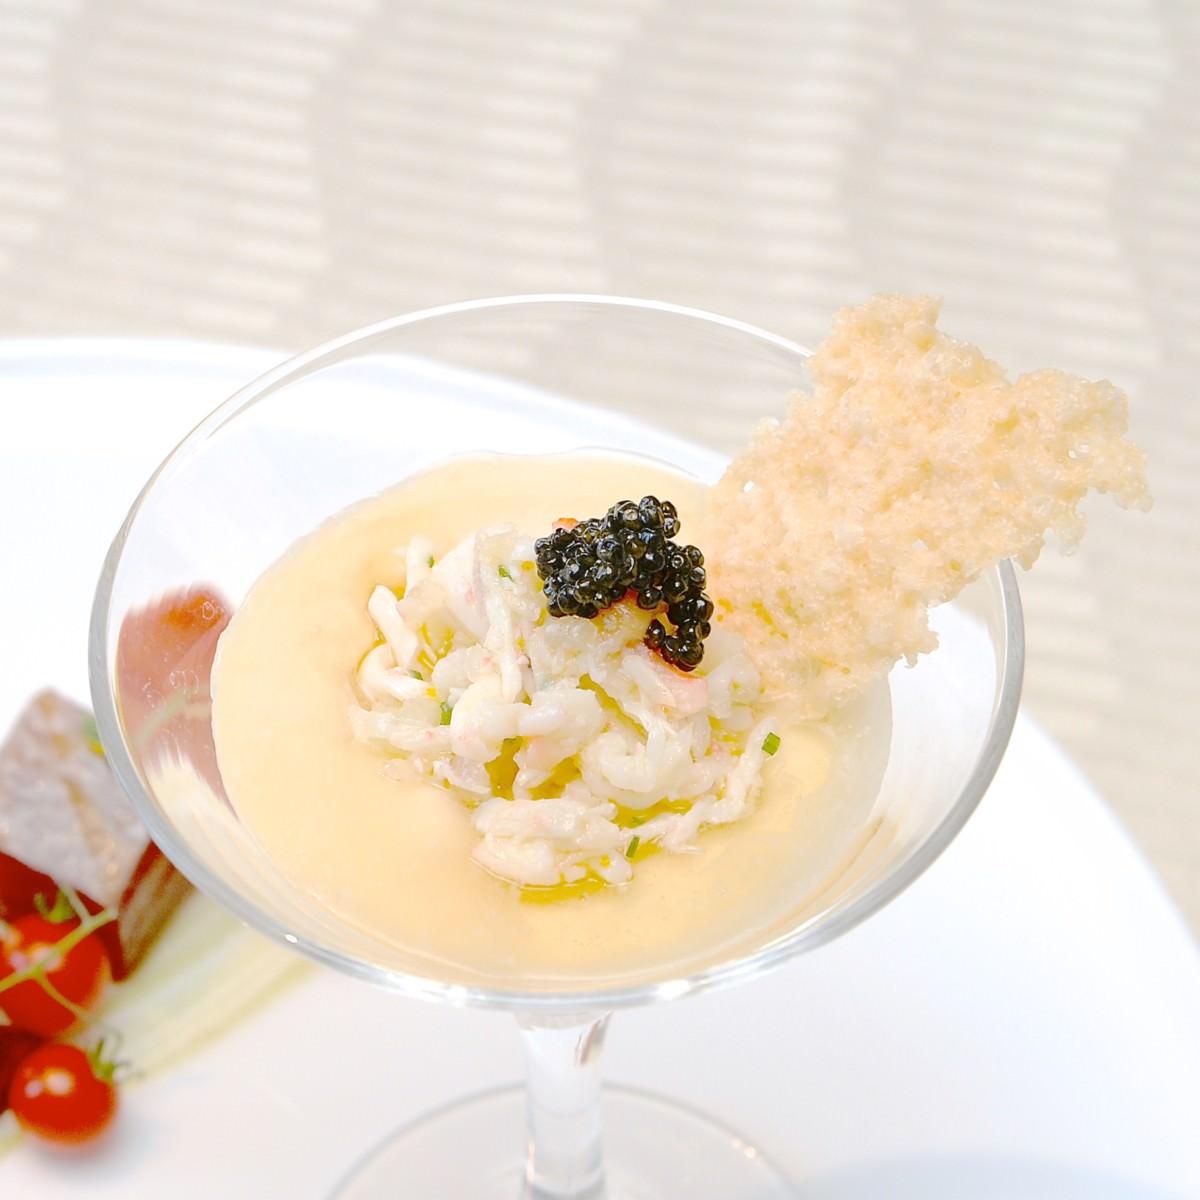 タラバ蟹のカクテルと鮪のマリネ グジェールと彩り野菜のグレック 4